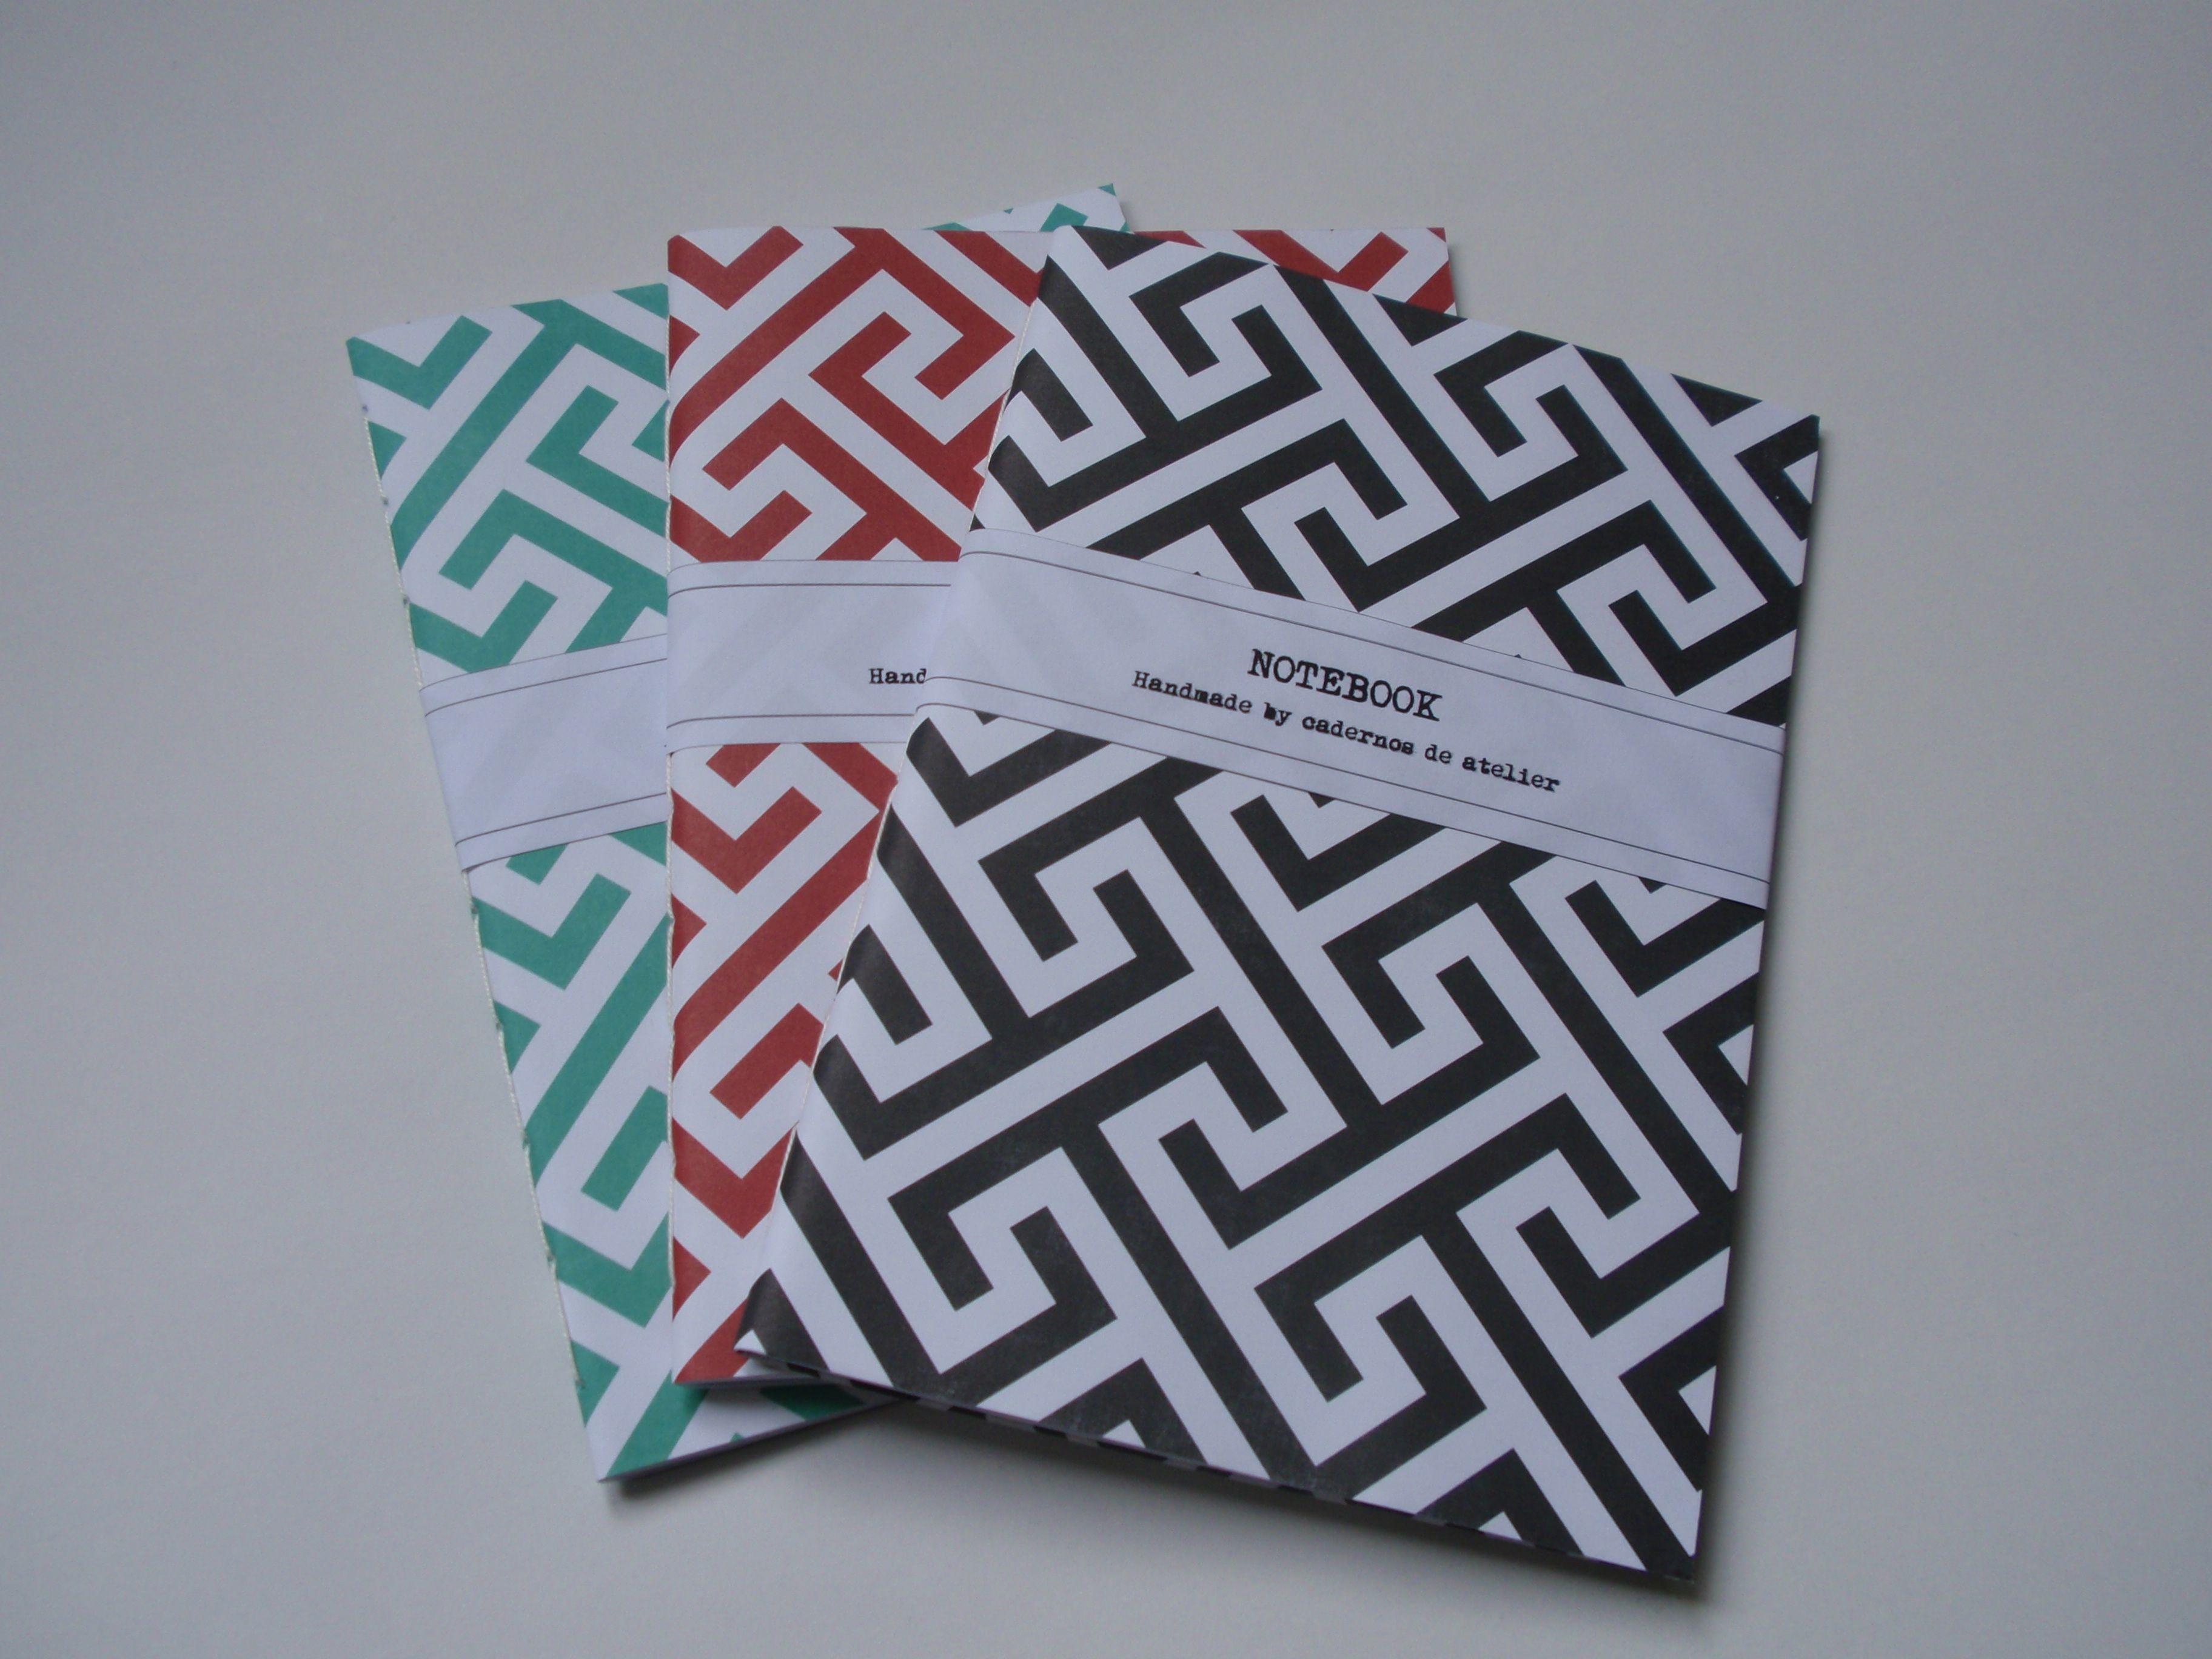 Notebooks / Cadernos A5 handmade by Cadernos de atelier facebook.com/cadernosdeatelier